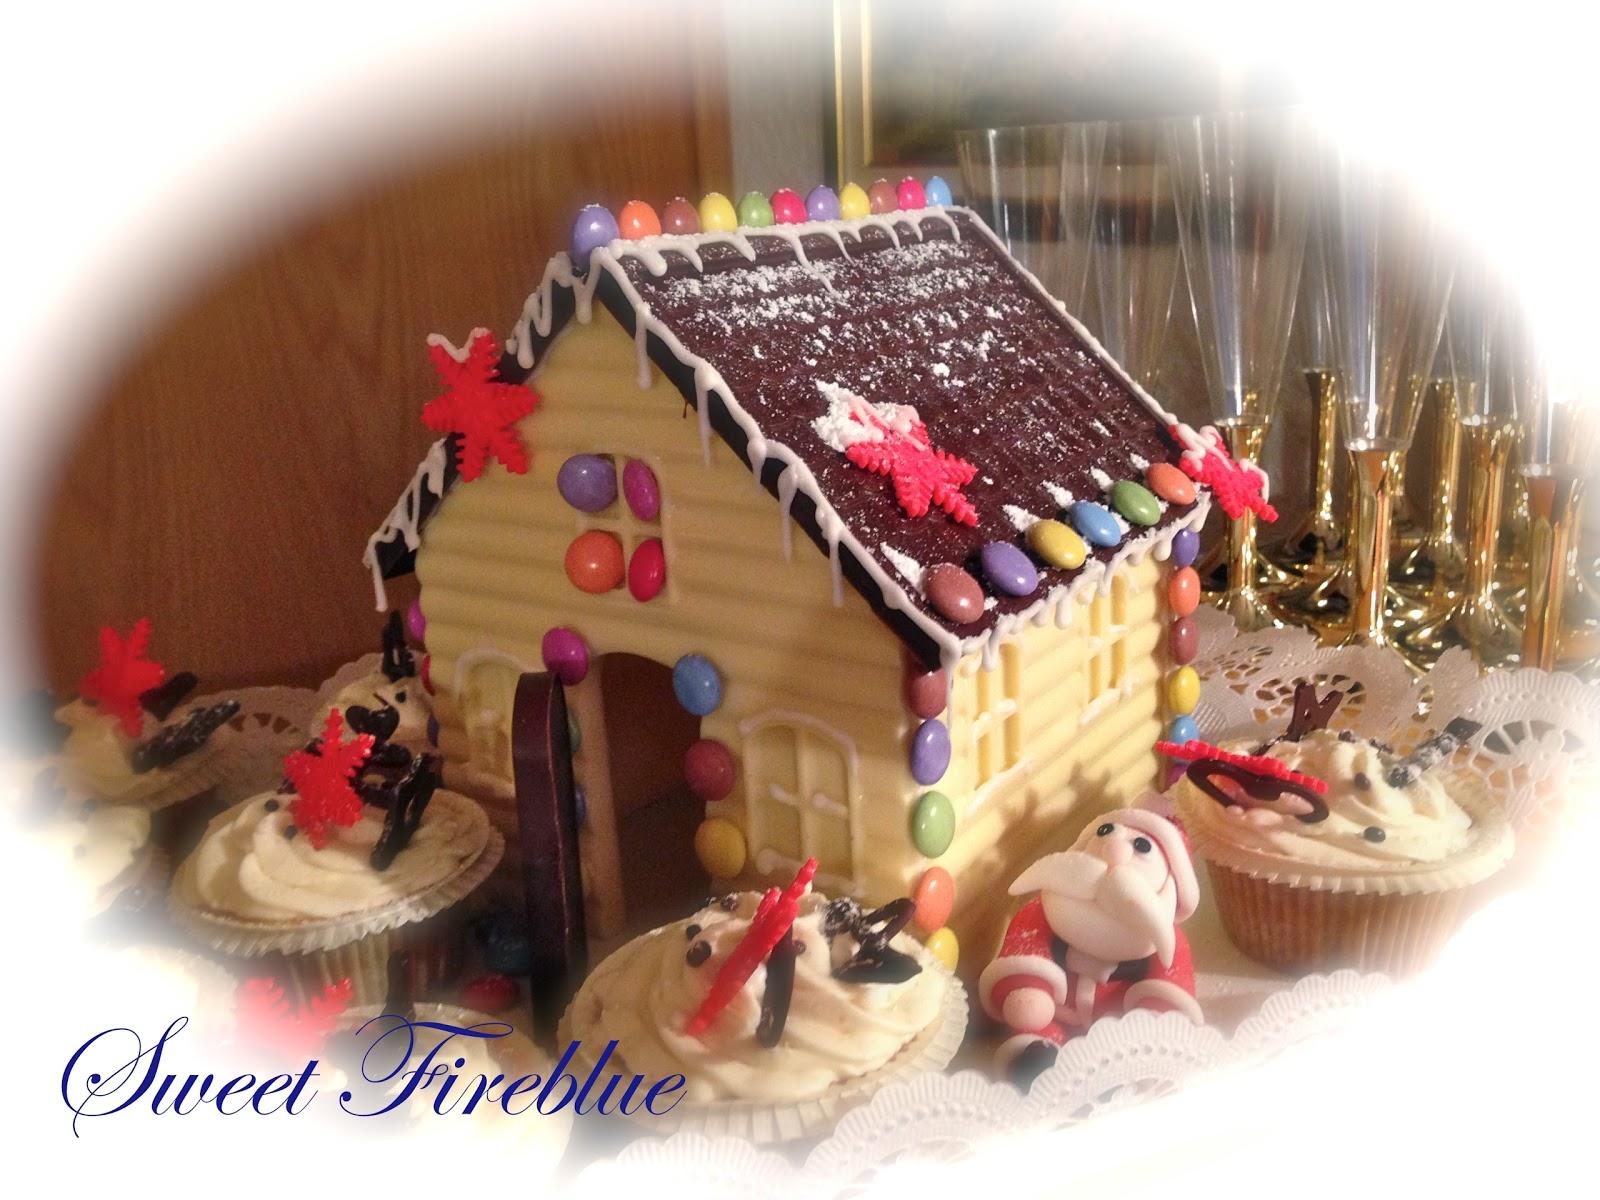 Casetta Di Natale Di Cioccolato : Sweet fireblue la casetta di babbo natale e forse anche della